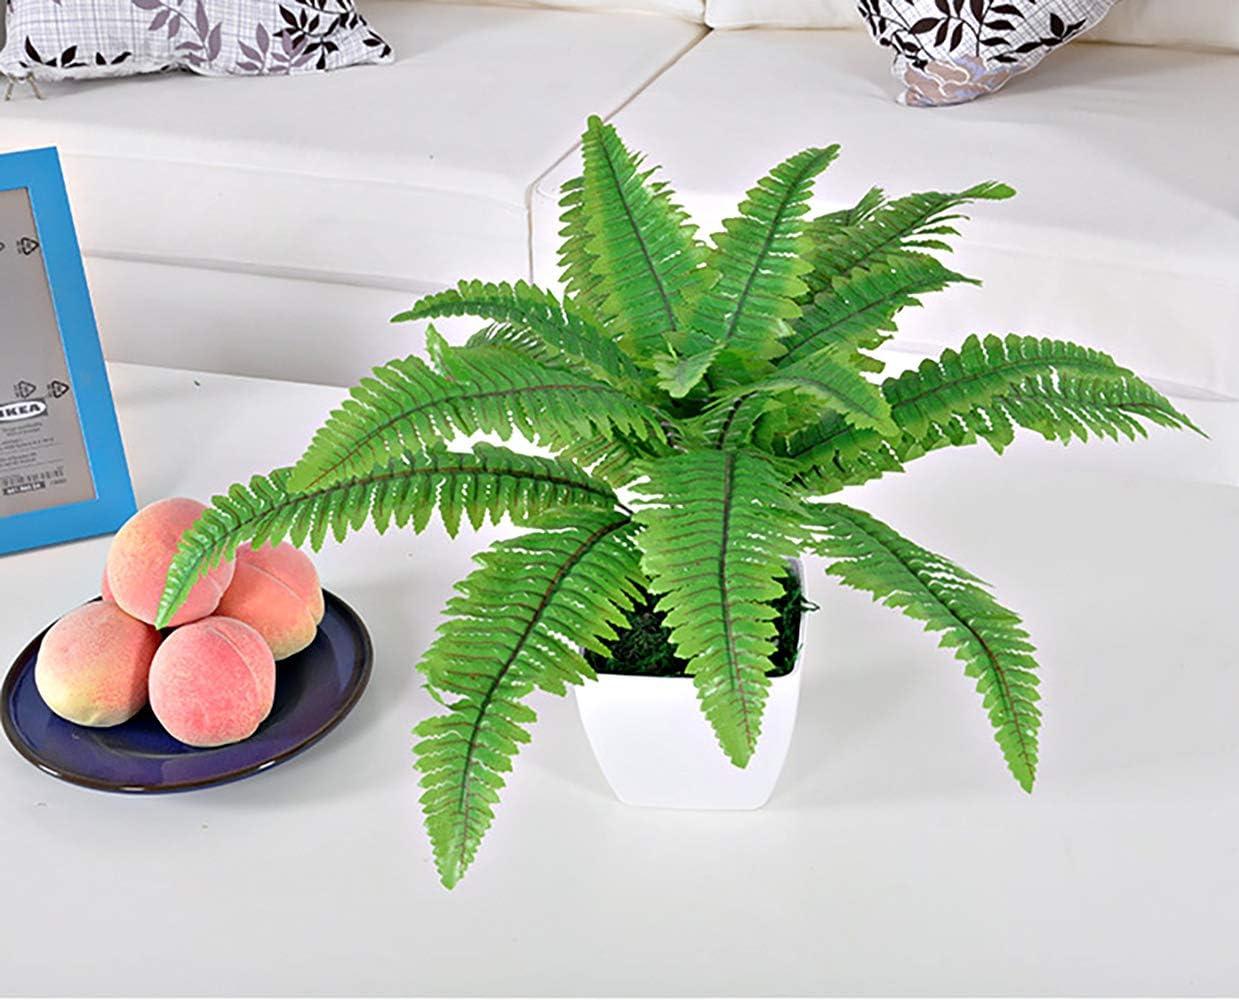 Green Palm Hawaiian Artificielle Plante D/écoration de Table pour Hawaiian Table Party Jungle Beach Th/ème Luau Feuilles de Palmier Tropical Kitchen-dream Feuilles artificielles de Palmier